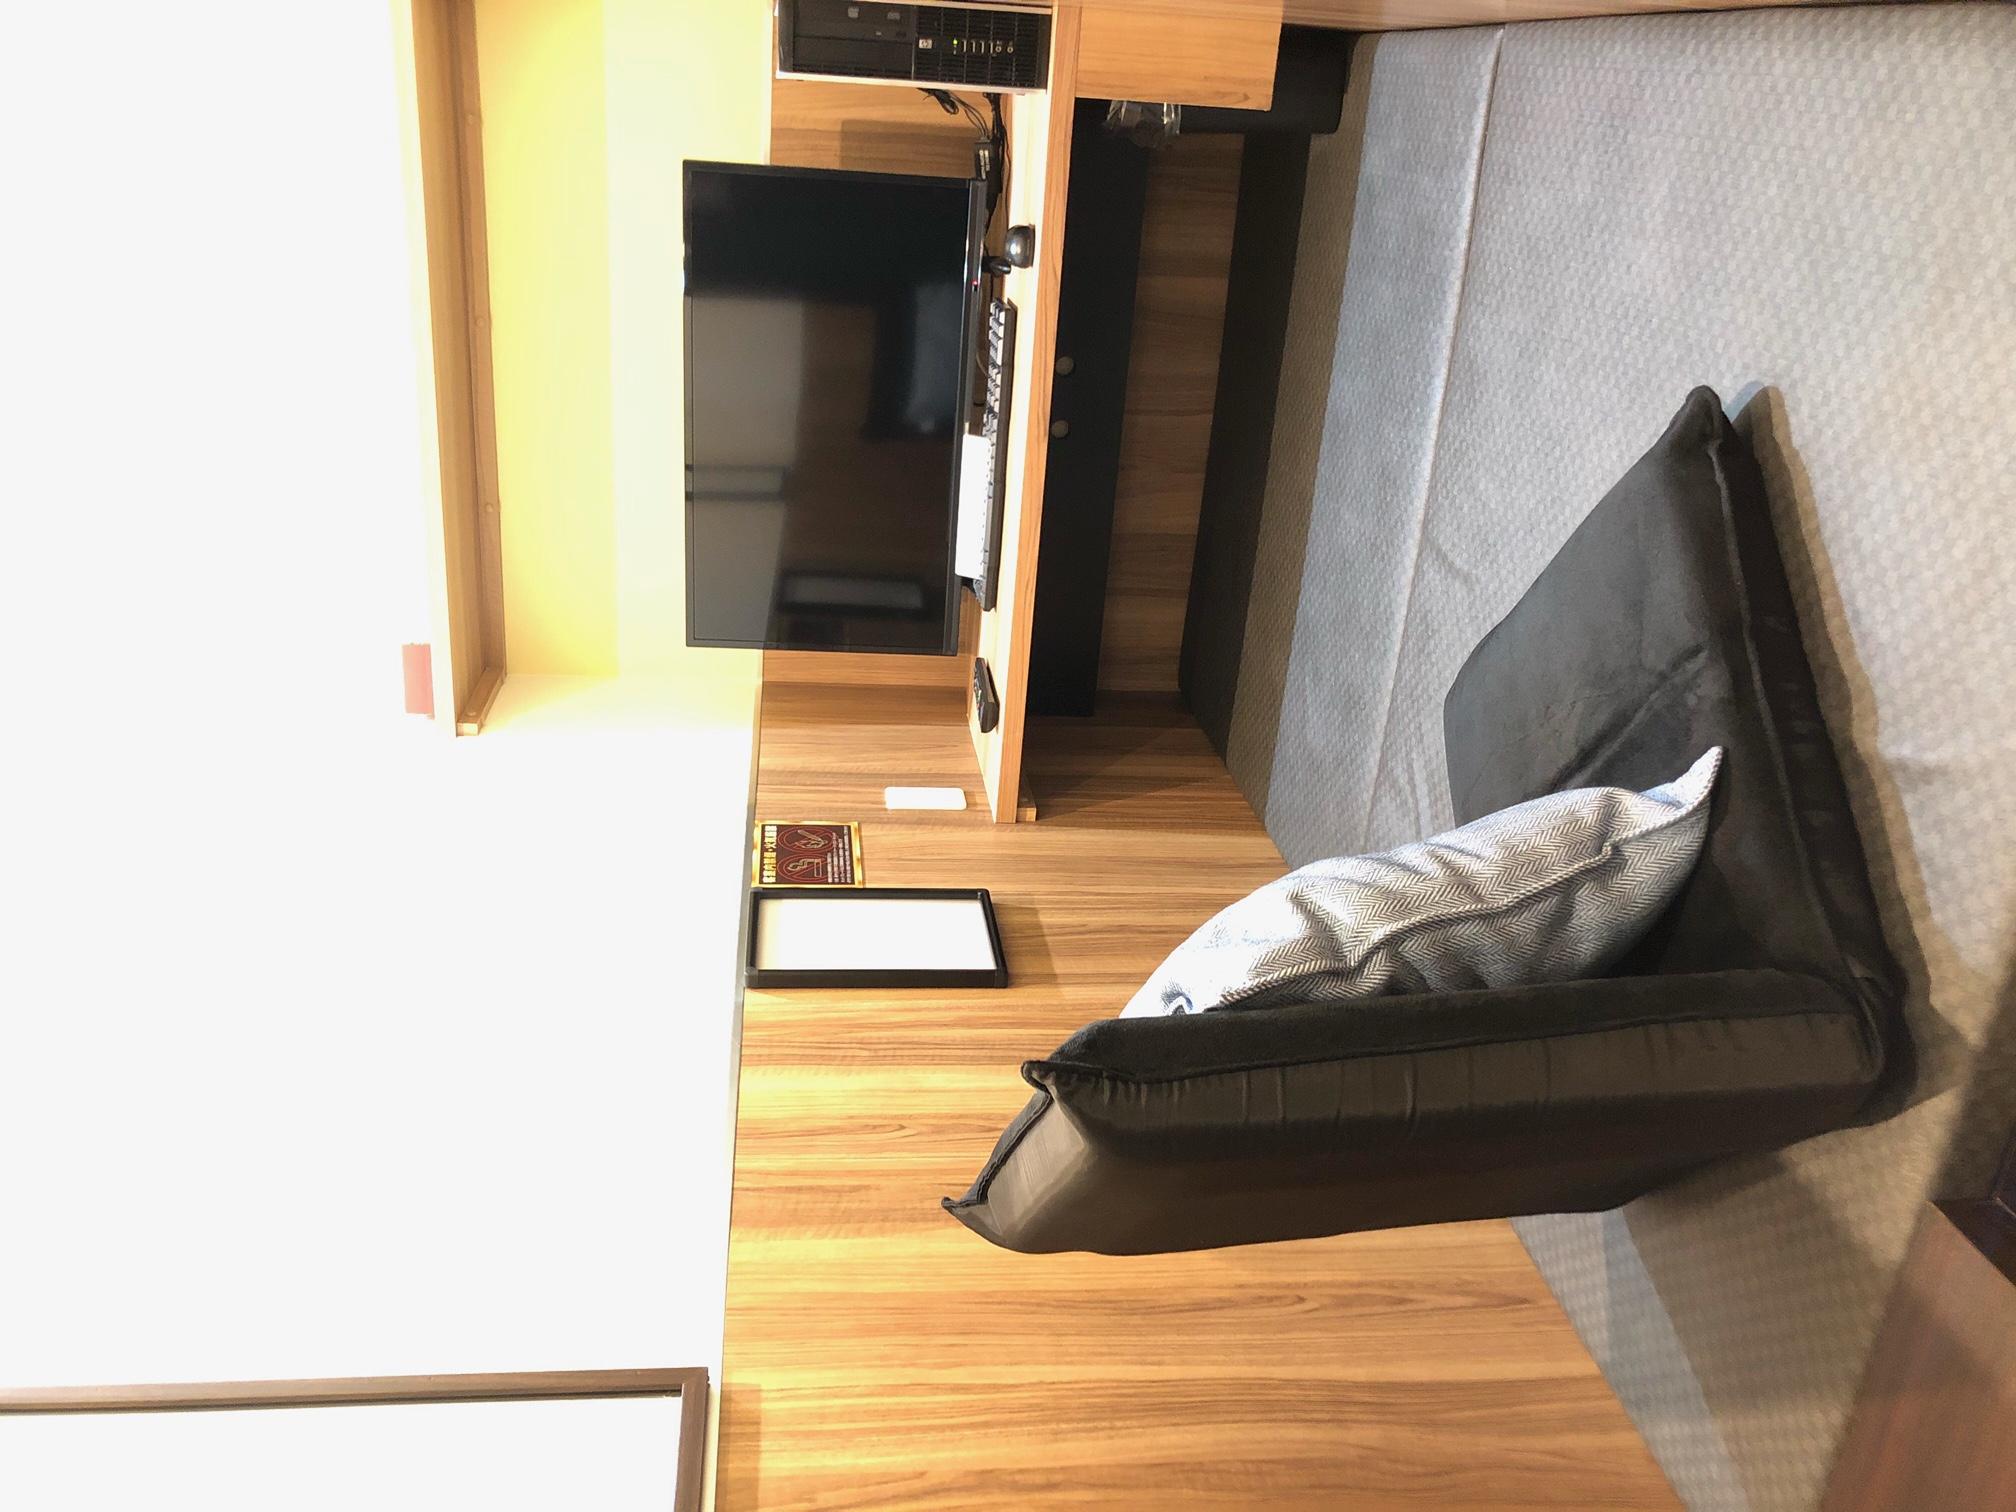 スタンダード 1名~2名様用 - 道玄坂NETROOM1.st 鍵付完全個室の室内の写真